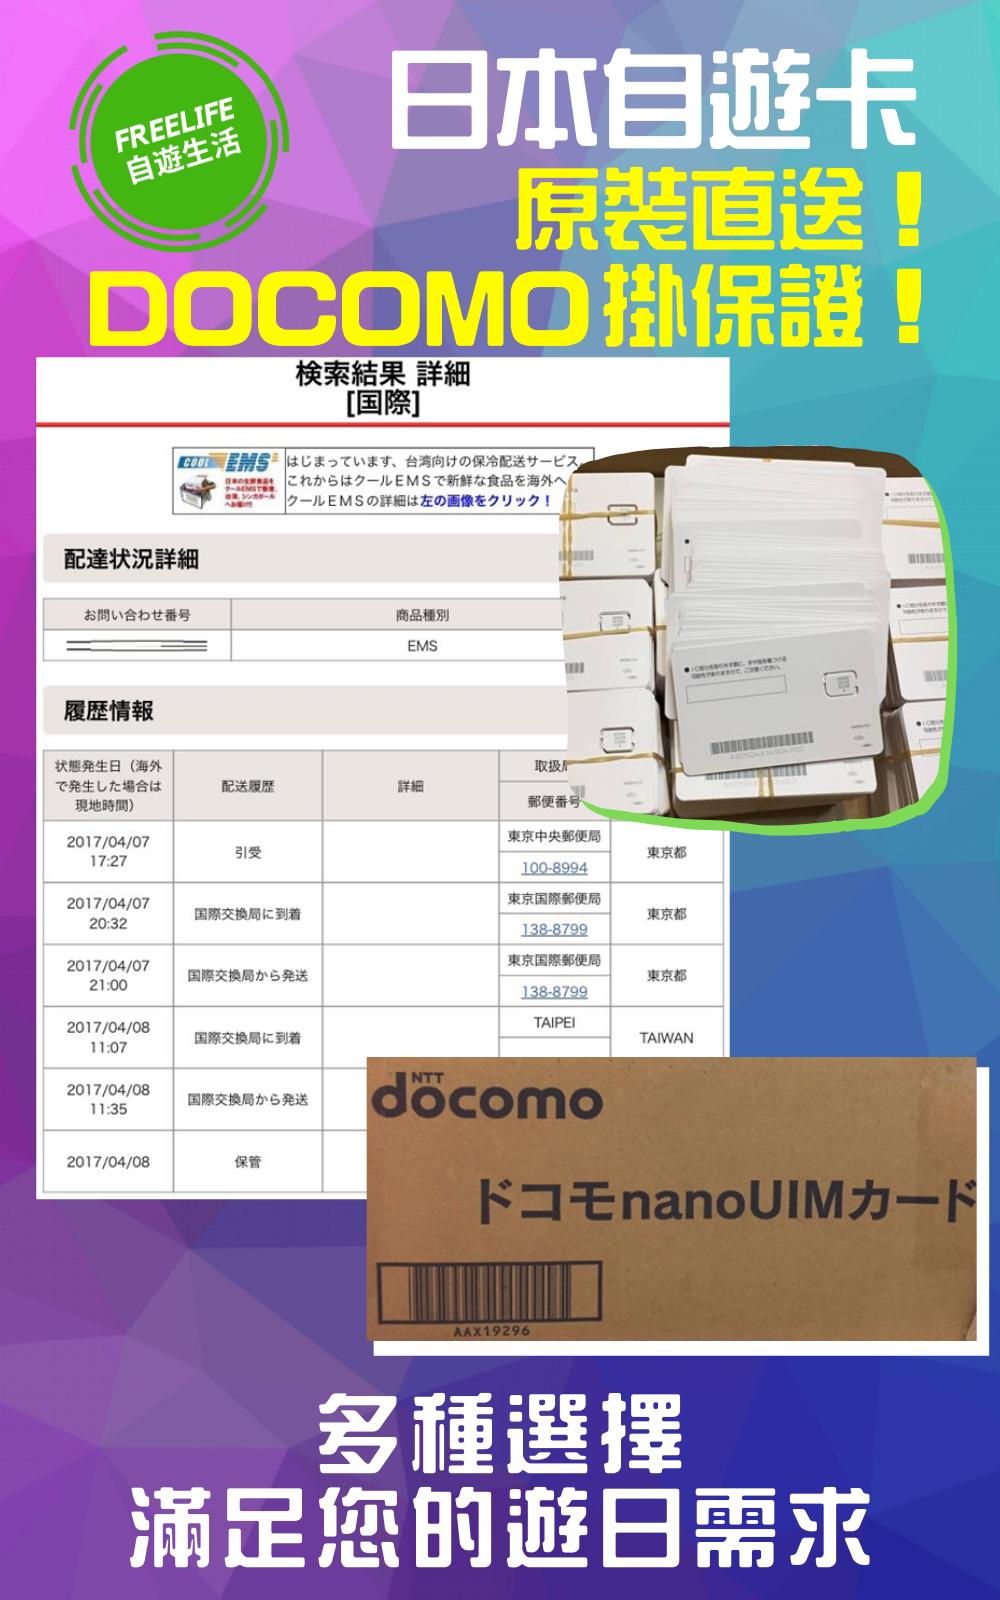 日本上網卡 DOCOMO  8天 不降速 高速吃到飽 市場最殺新品 行動上網 暑假赴日最佳選擇